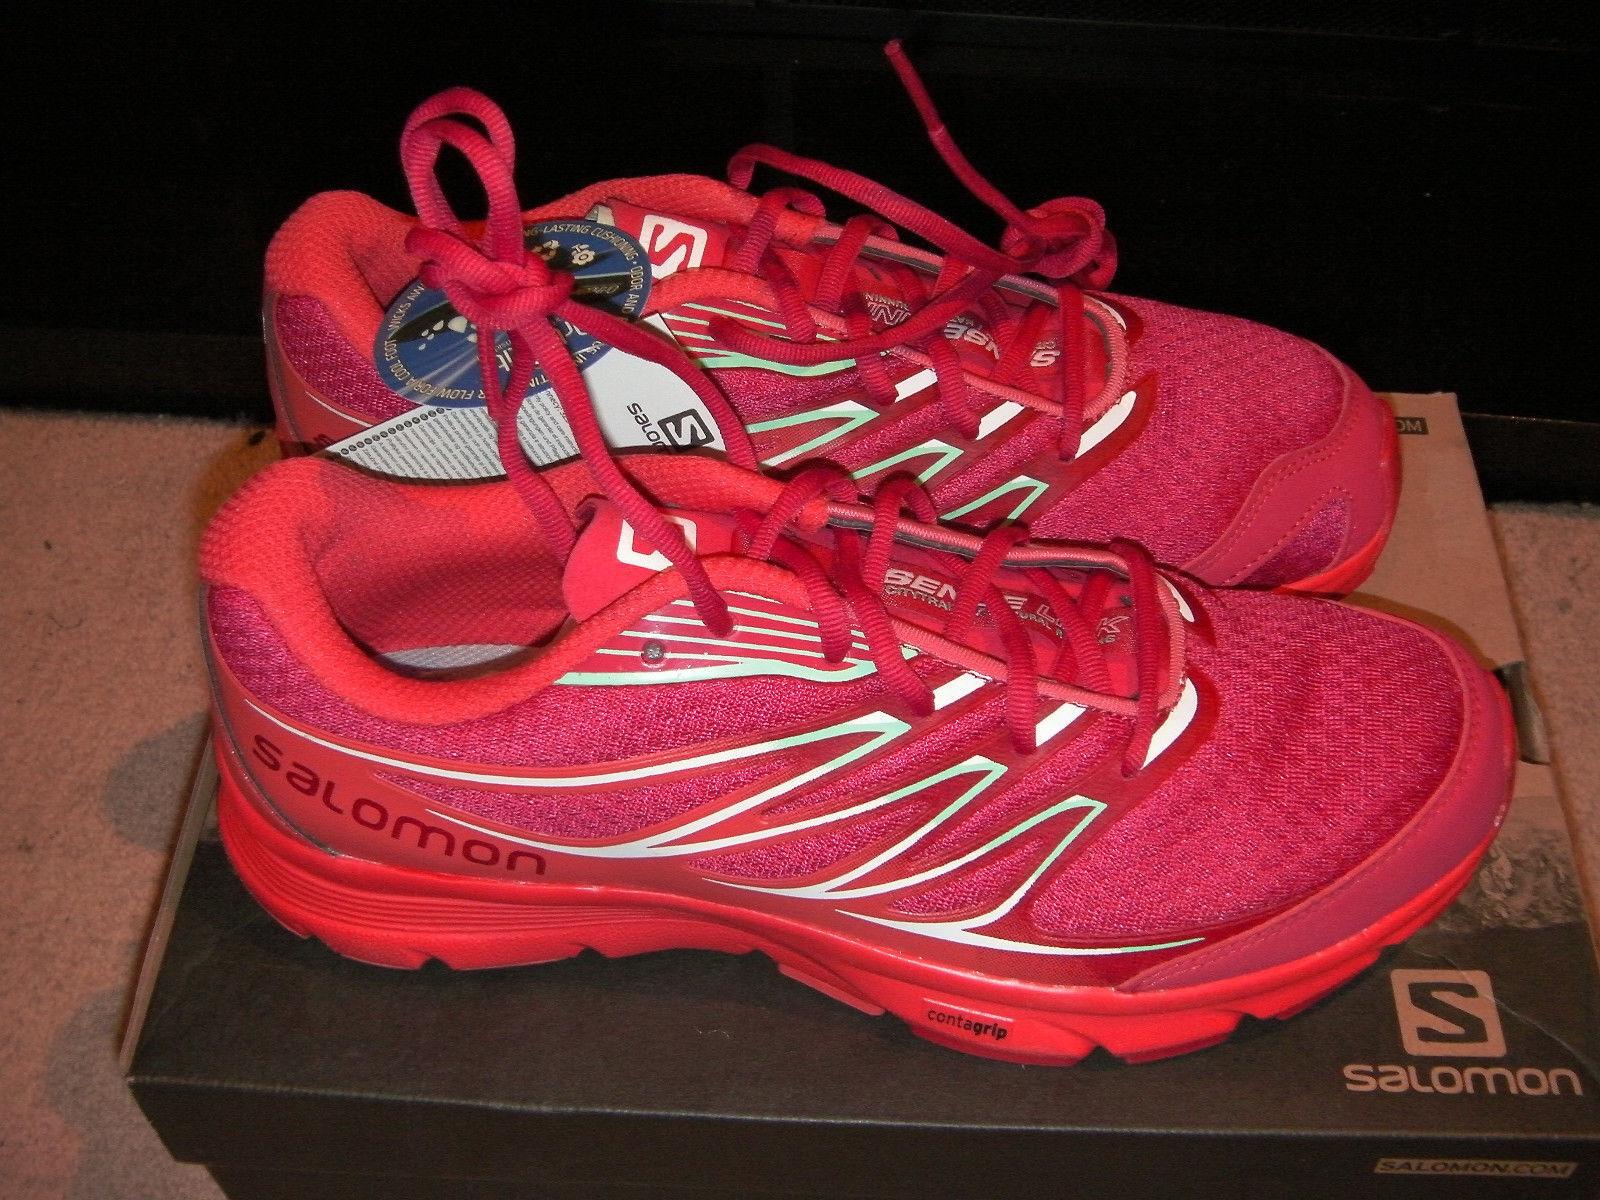 Salomon Sense Link Women Trail Running shoes - Pink - Size 7.5UK (41.5)